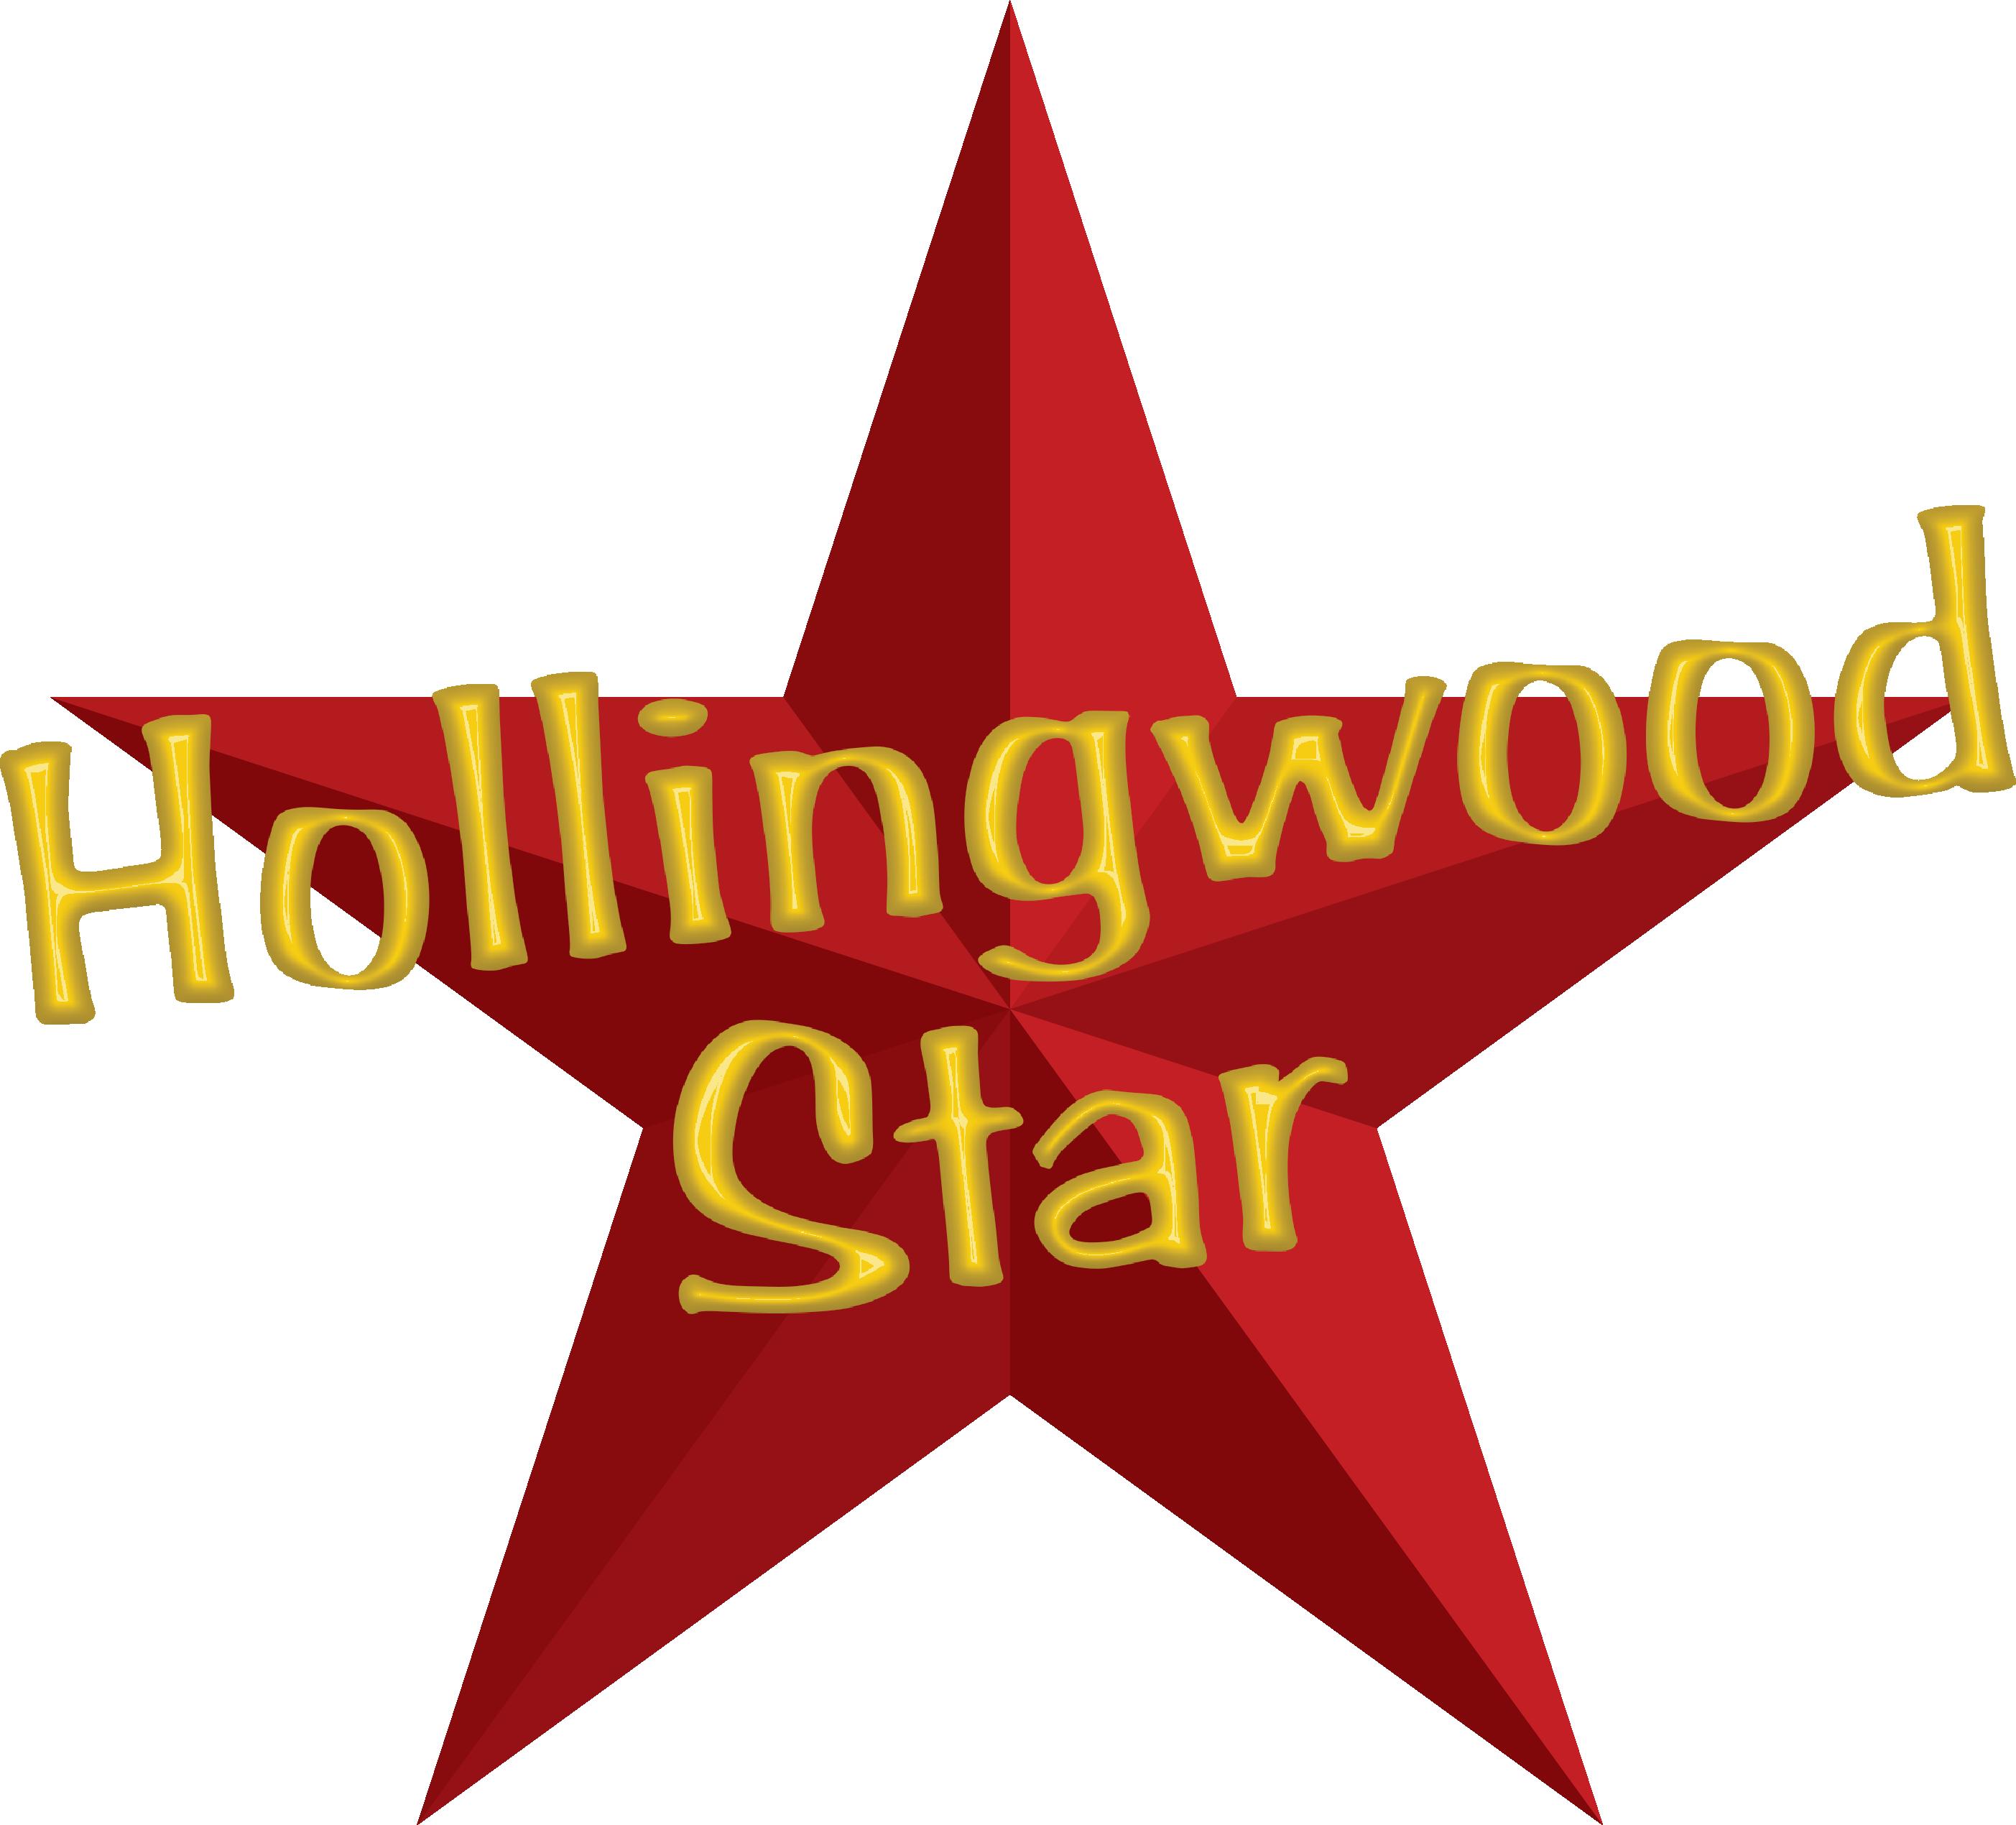 Hollingwood Star Order Online Hollingwood Star Menu Menu